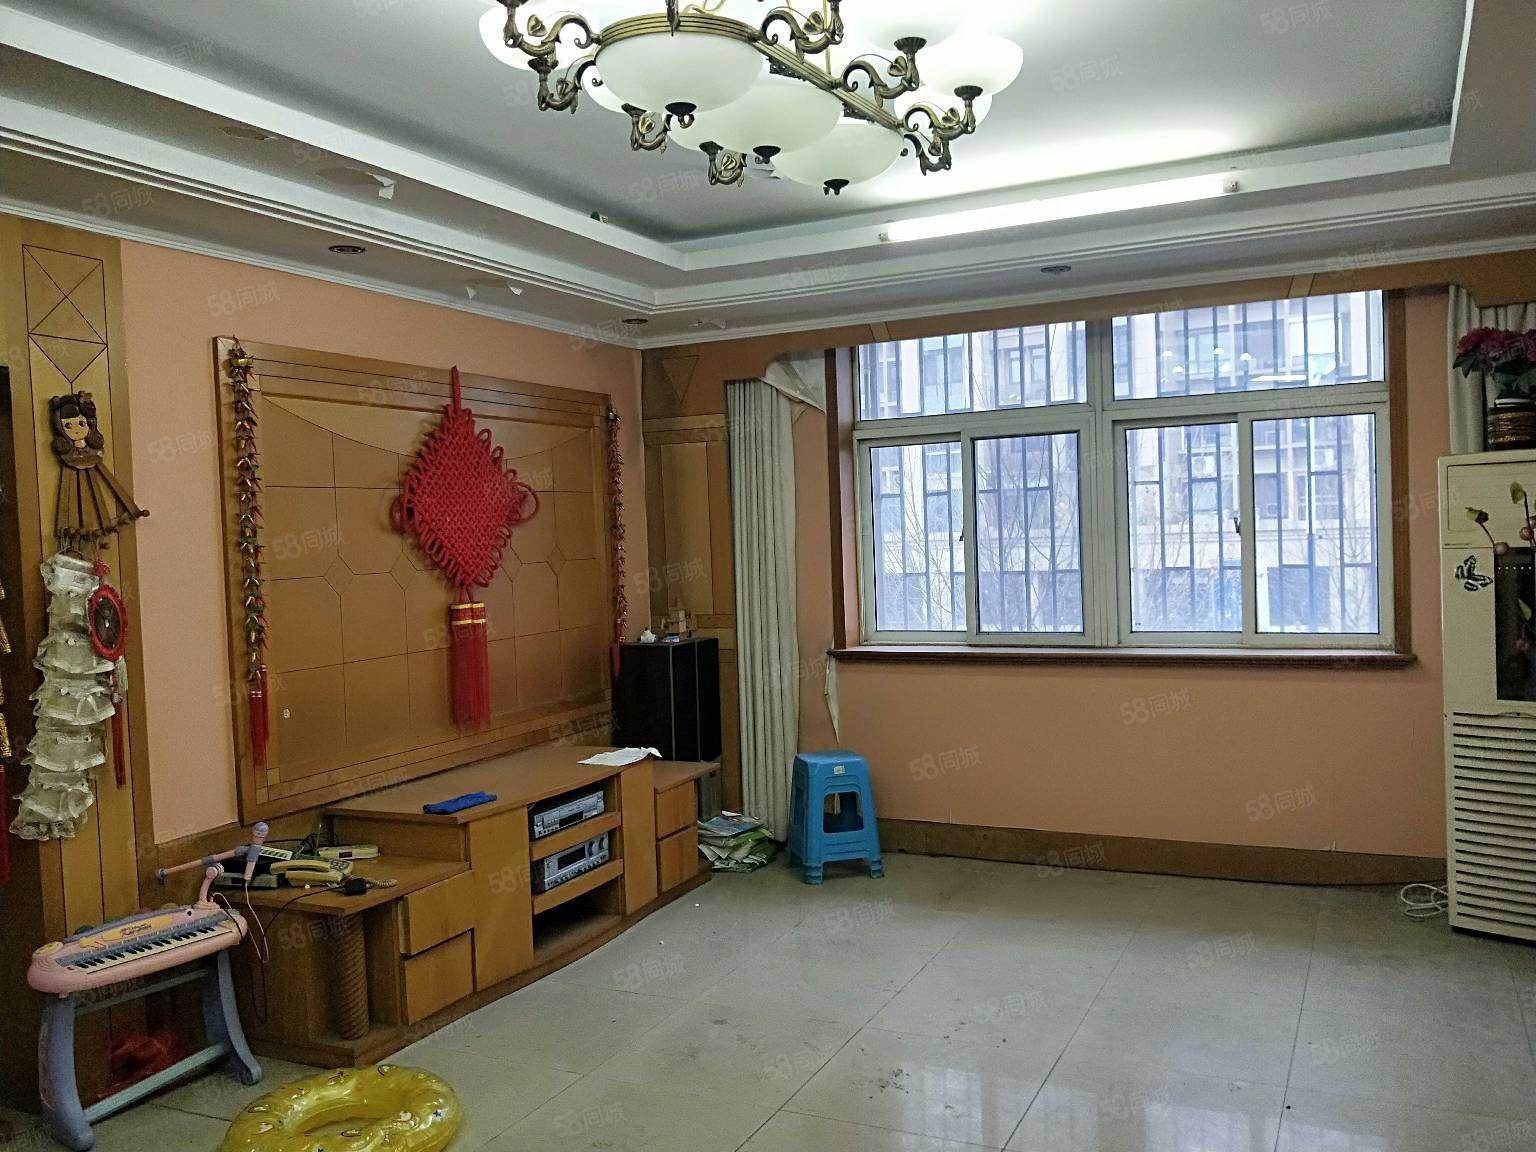 柳竹北区3楼三室二厅二卫中装修+储藏室